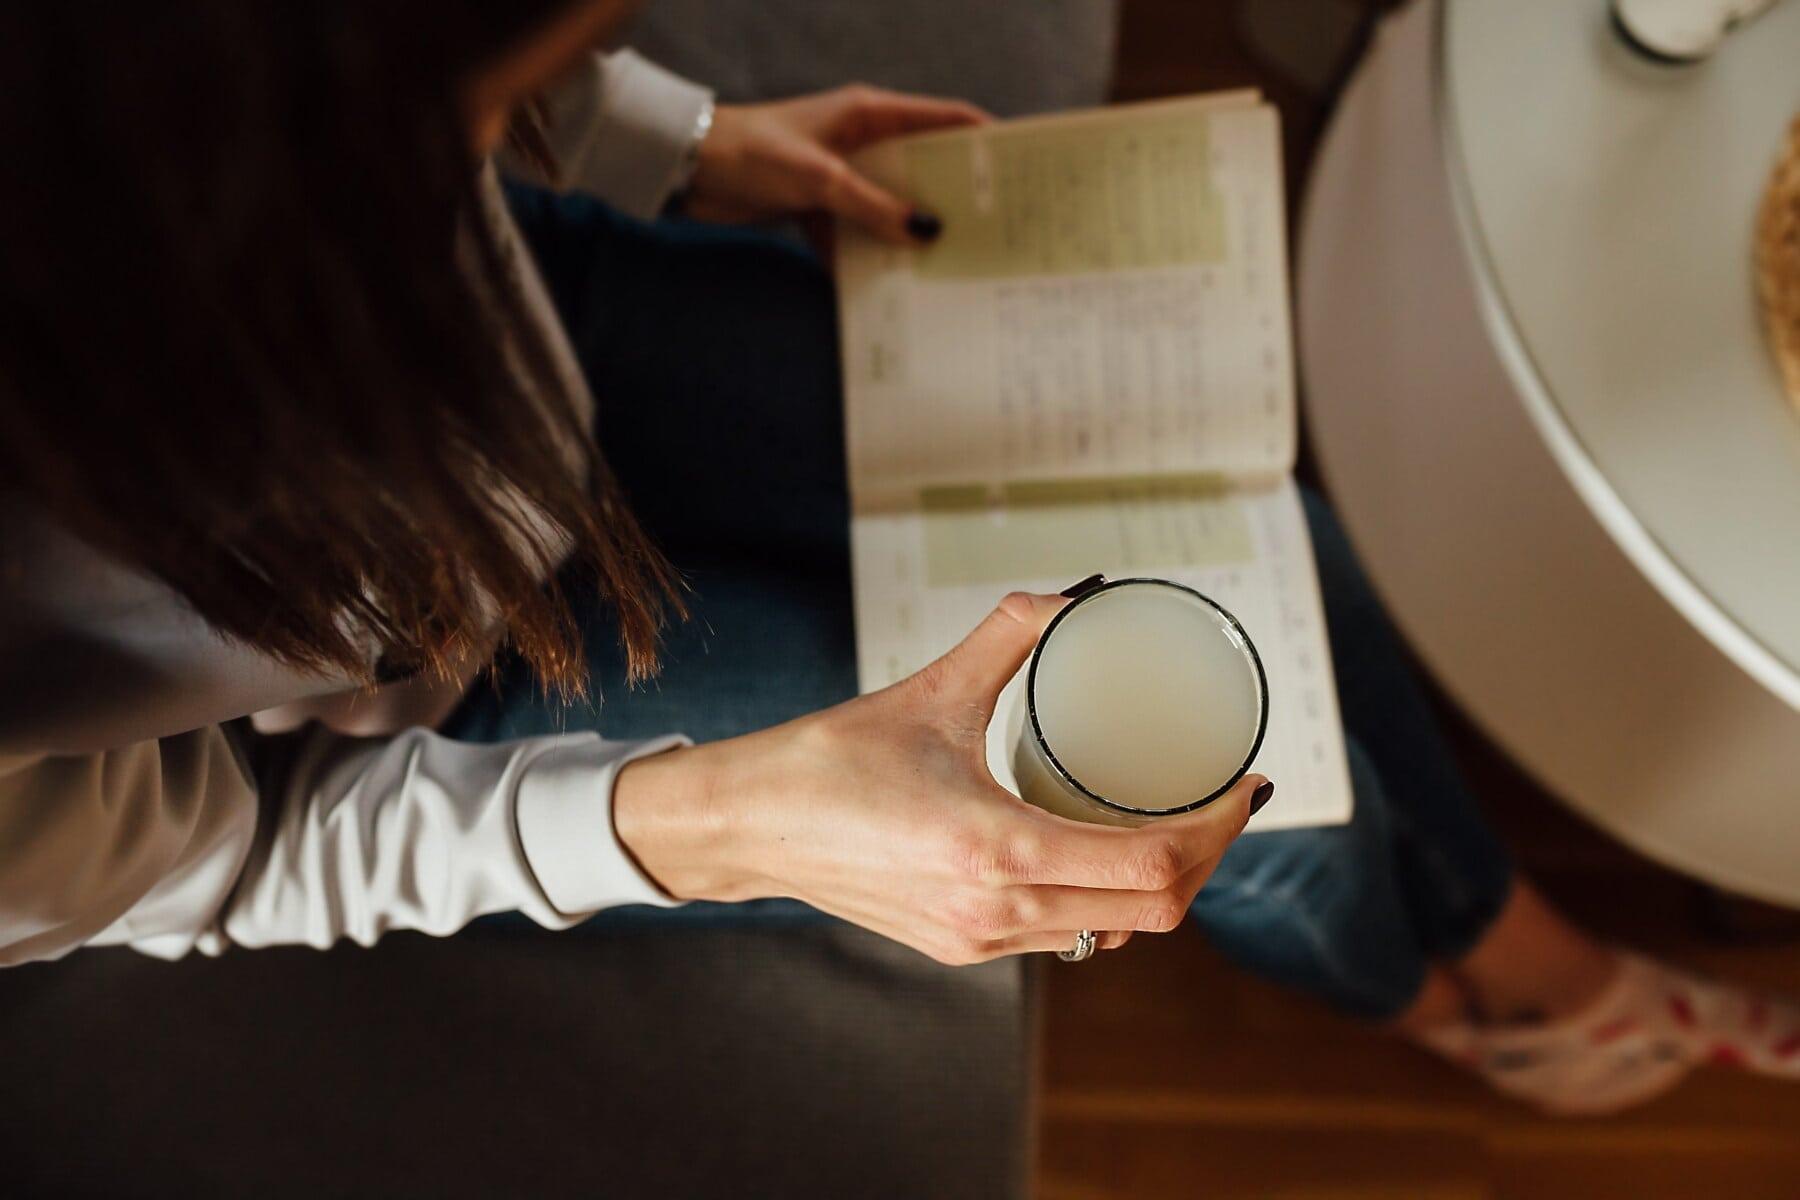 limonata, meyve suyu, içki, kitap, okuma, genç kadın, kadın, insanlar, kapalı, kız